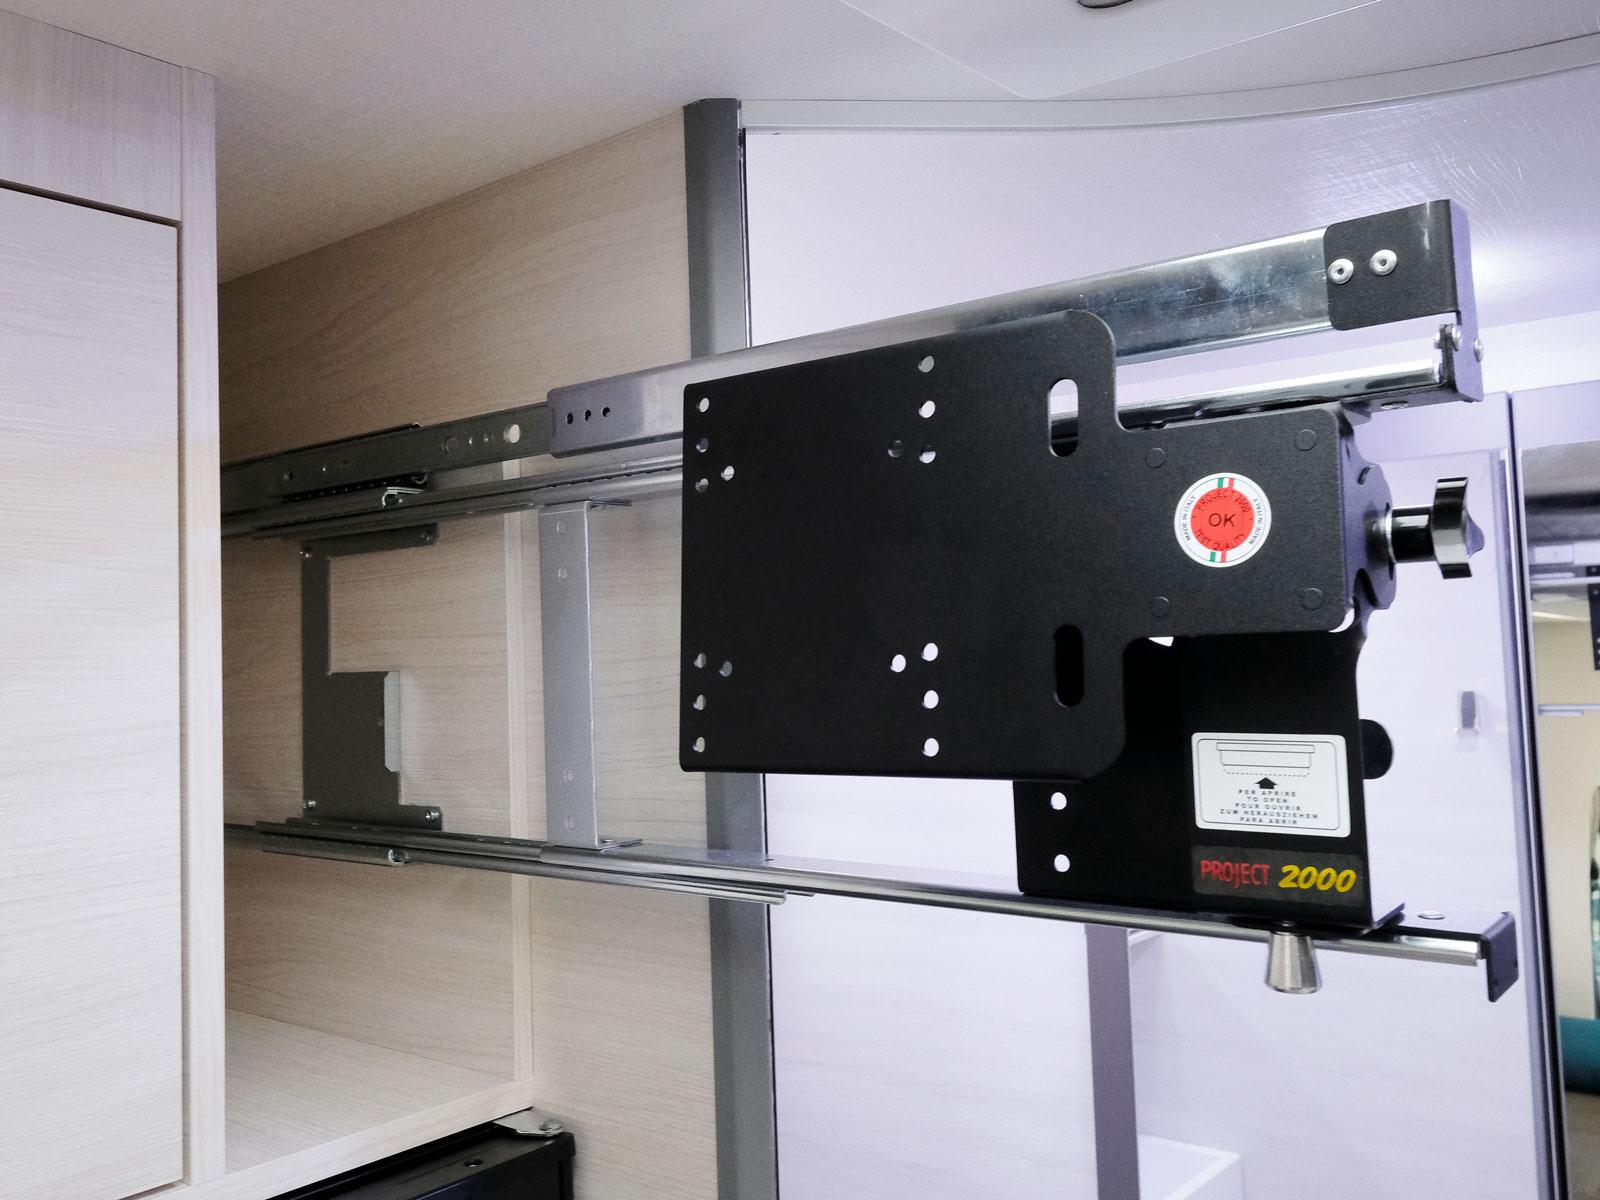 Ovan kylskåpet finns tv-arm. Lite långt från framstolarna.